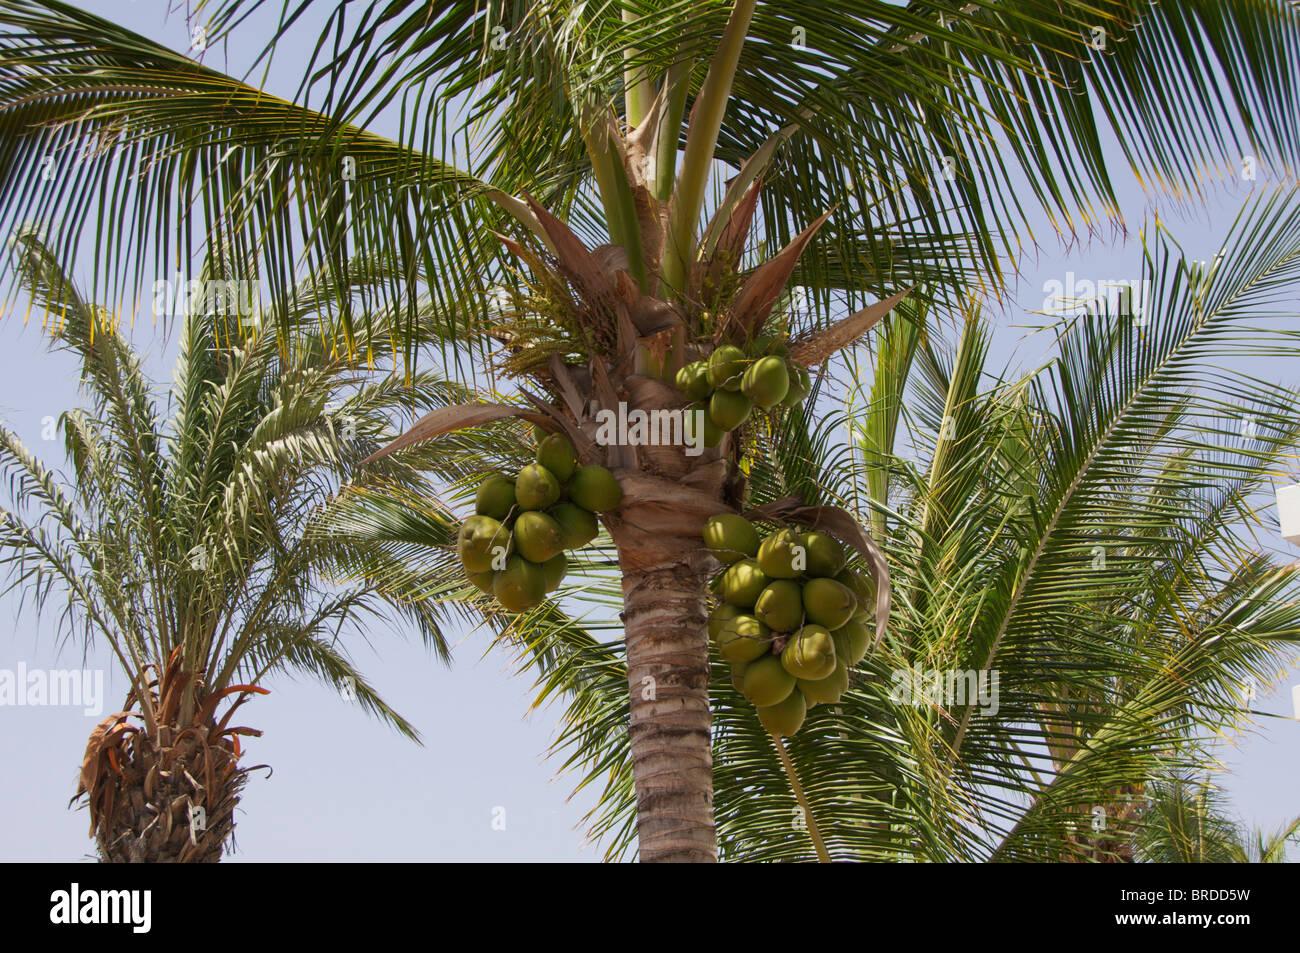 coconuts-growing-in-puerto-del-carmen-la